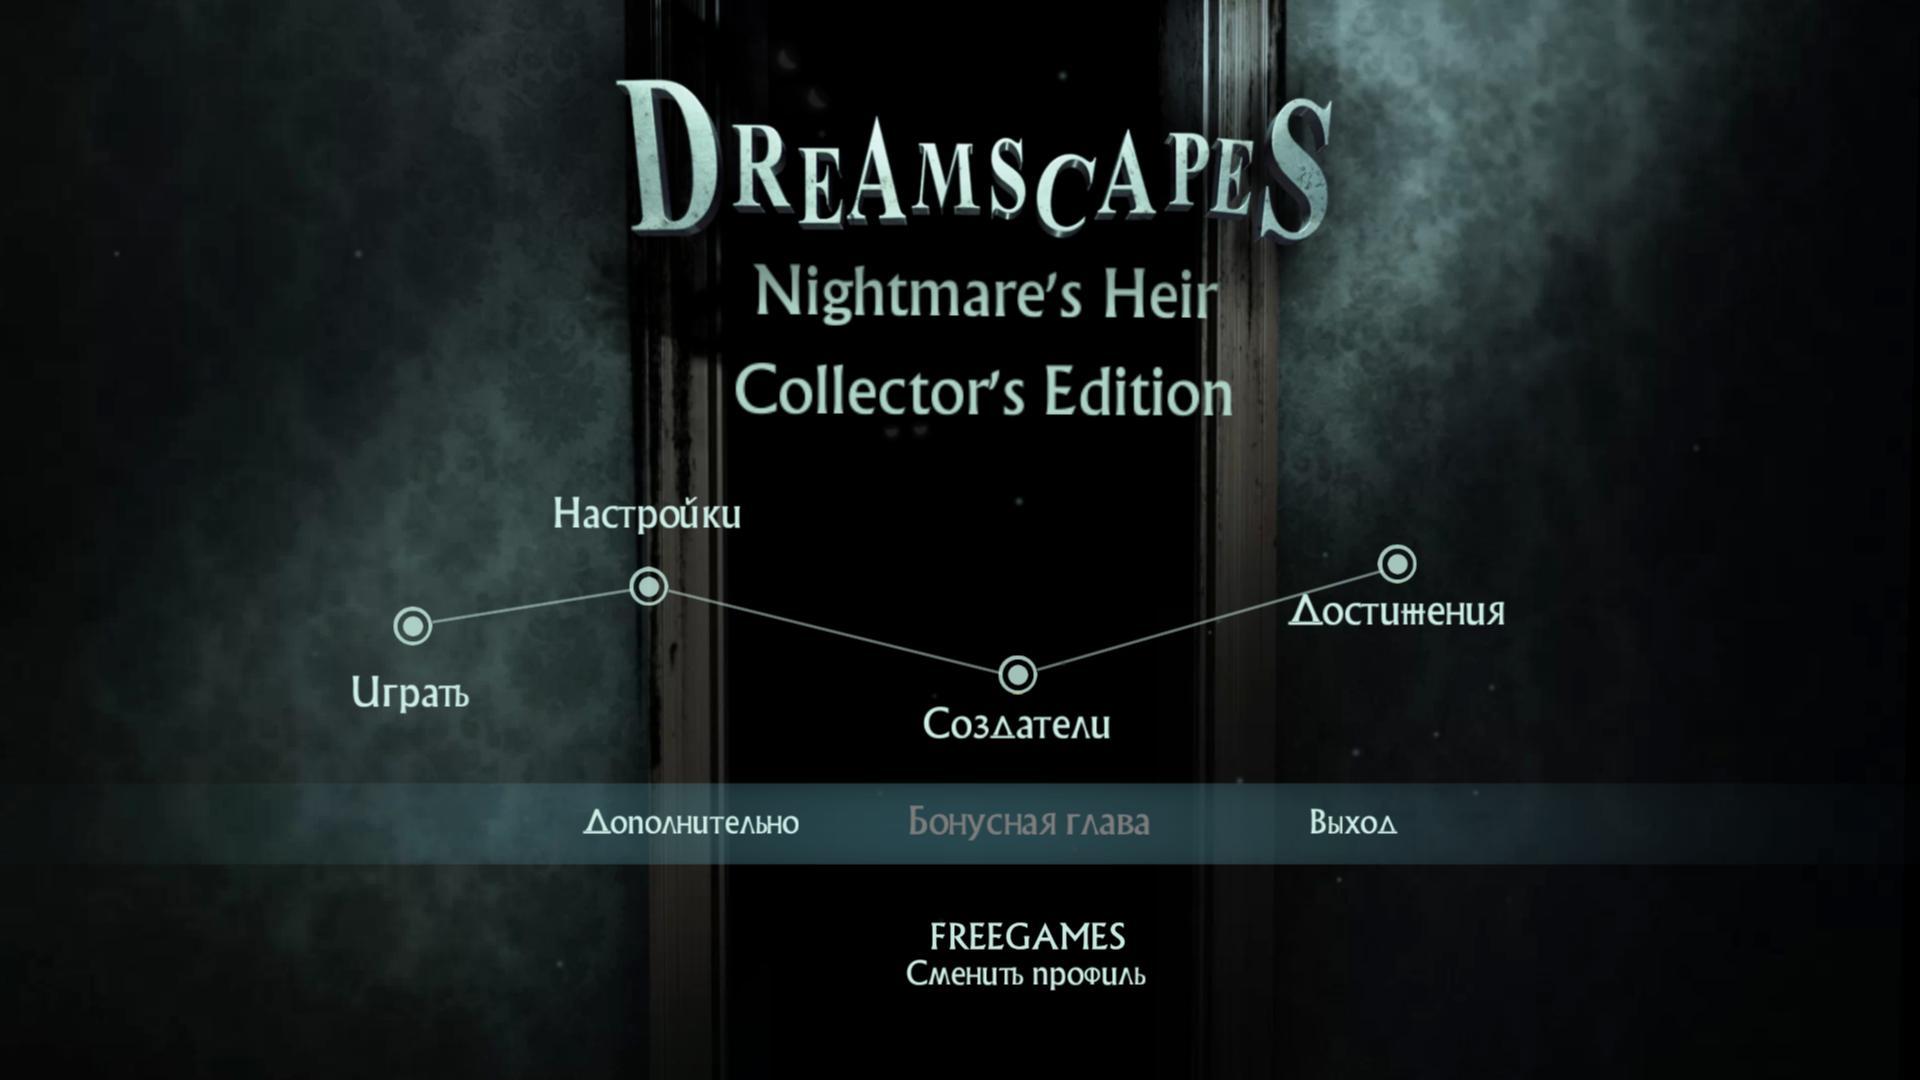 Повелитель снов 2: Наследие тьмы. Коллекционное издание | Dreamscapes 2: Nightmare's Heir CE (Rus)